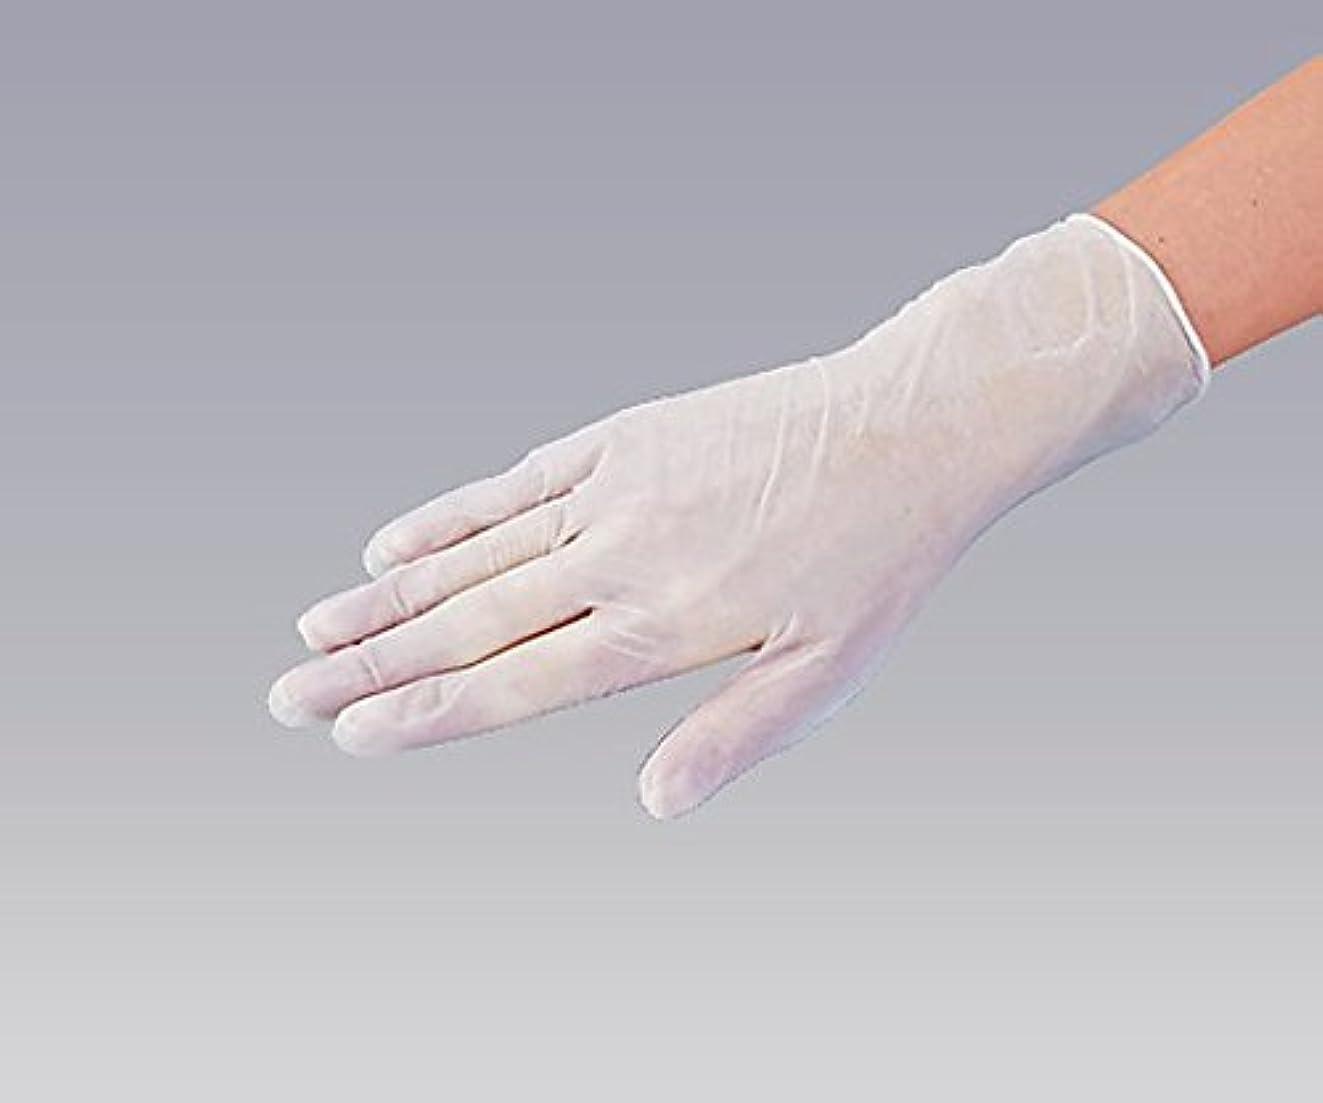 筋肉の税金ファシズムナビス(アズワン)0-9868-03プラスチック手袋パウダー無S100入